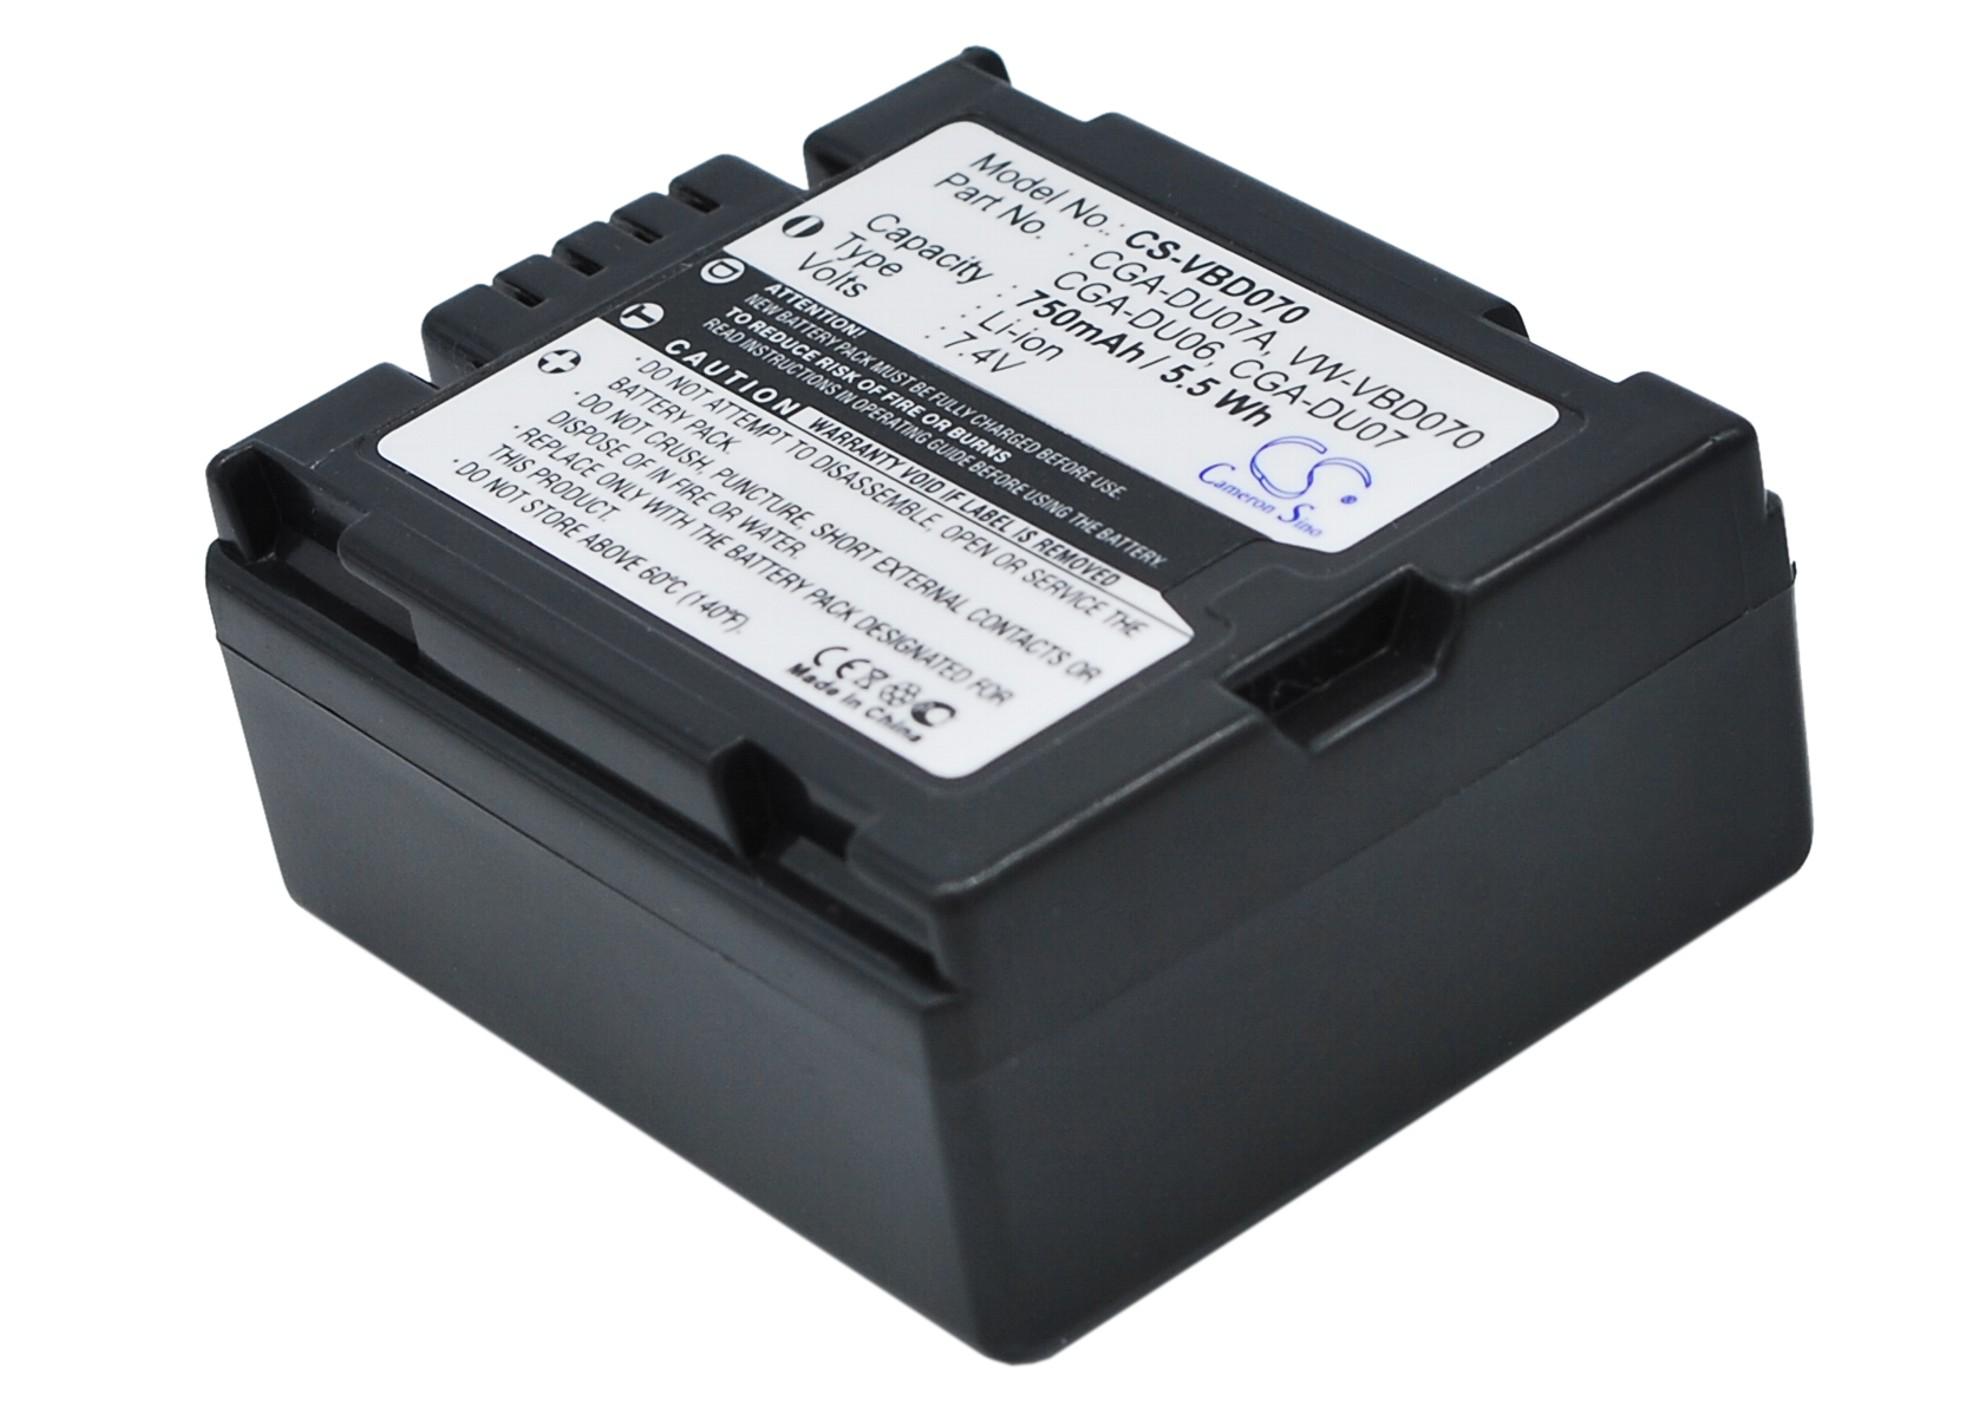 Cameron Sino baterie do kamer a fotoaparátů pro PANASONIC VDR-D250EB-S 7.4V Li-ion 750mAh tmavě šedá - neoriginální